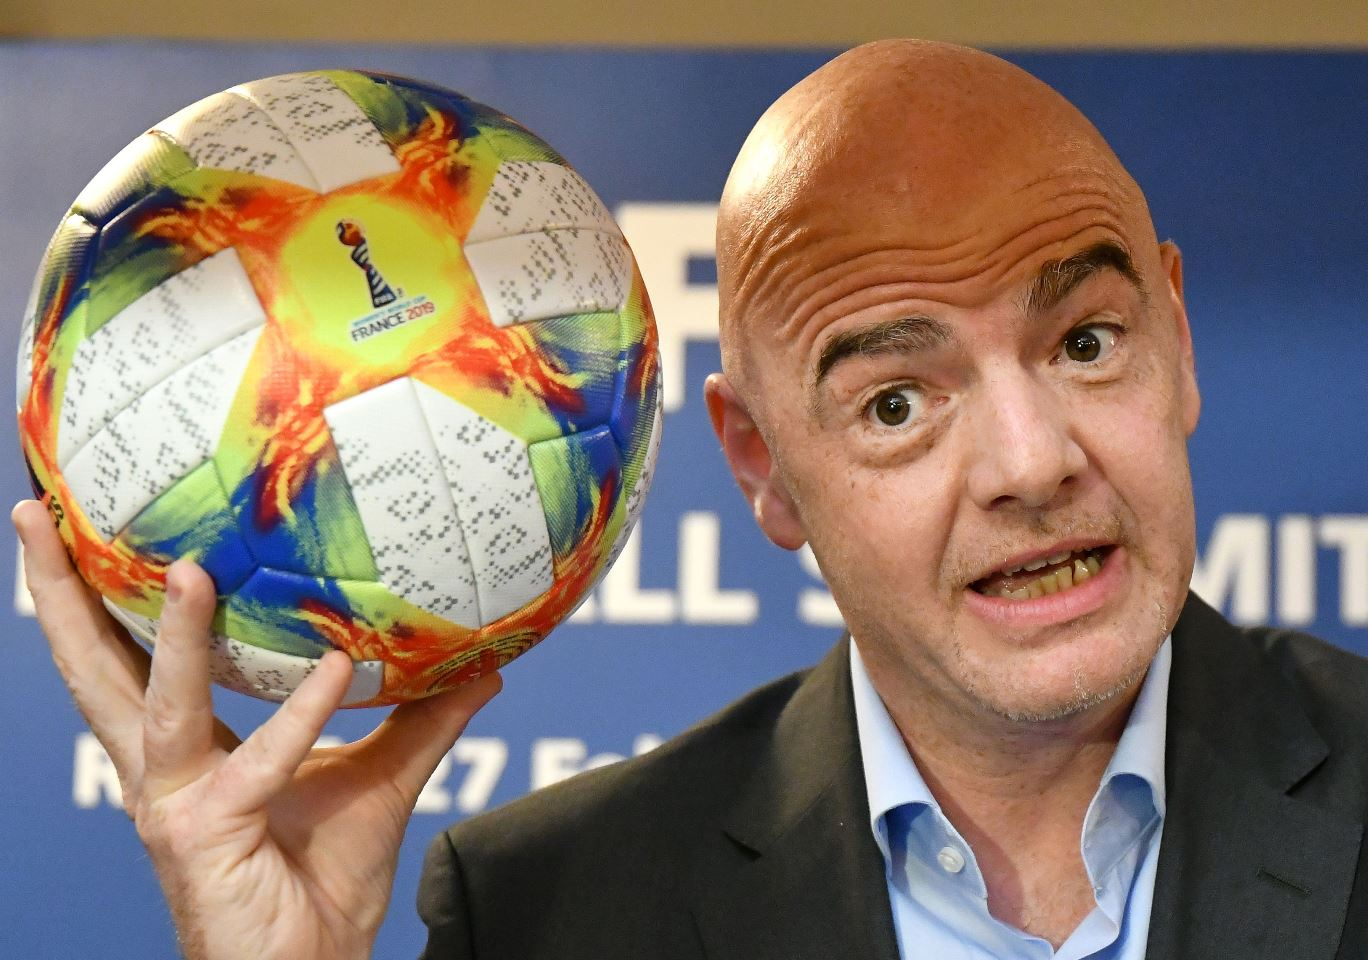 El presidente de la Fifa, Gianni Infantino, busca mantener viva la propuesta de incrementar el número de selecciones en una Copa del Mundo. (Foto Cortesía).